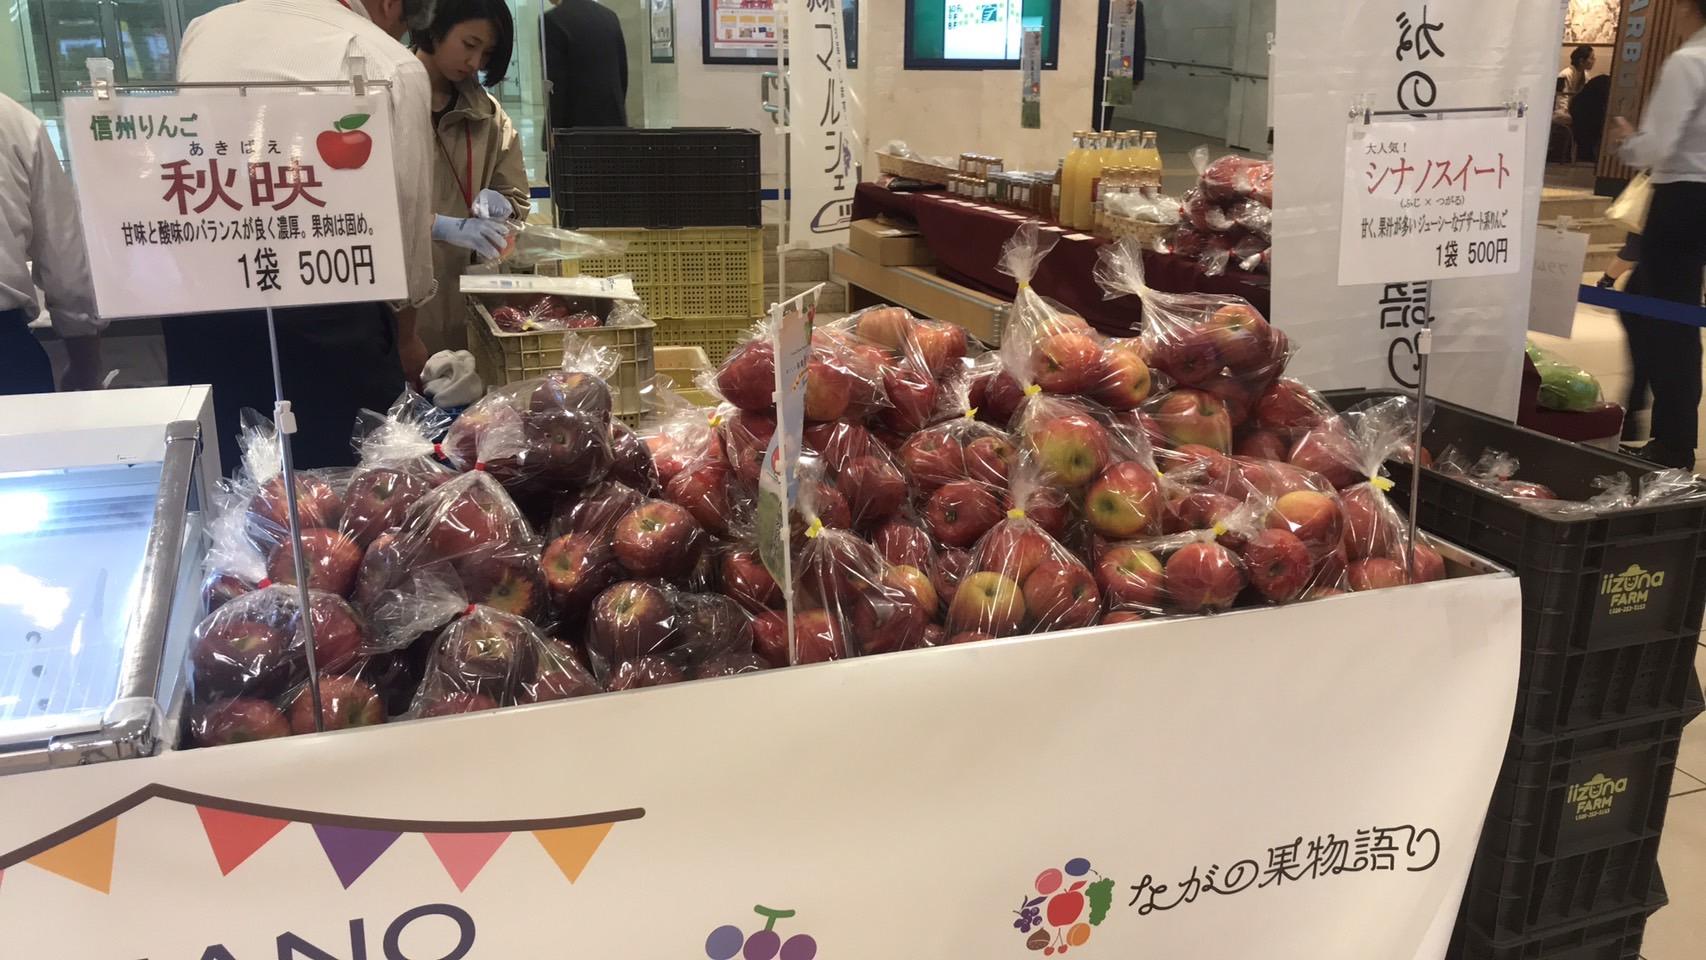 東京駅で長野県復興支援イベント開催。「ながの果物語り新幹線マルシェ」で、おいしいりんごを購入しよう!_3